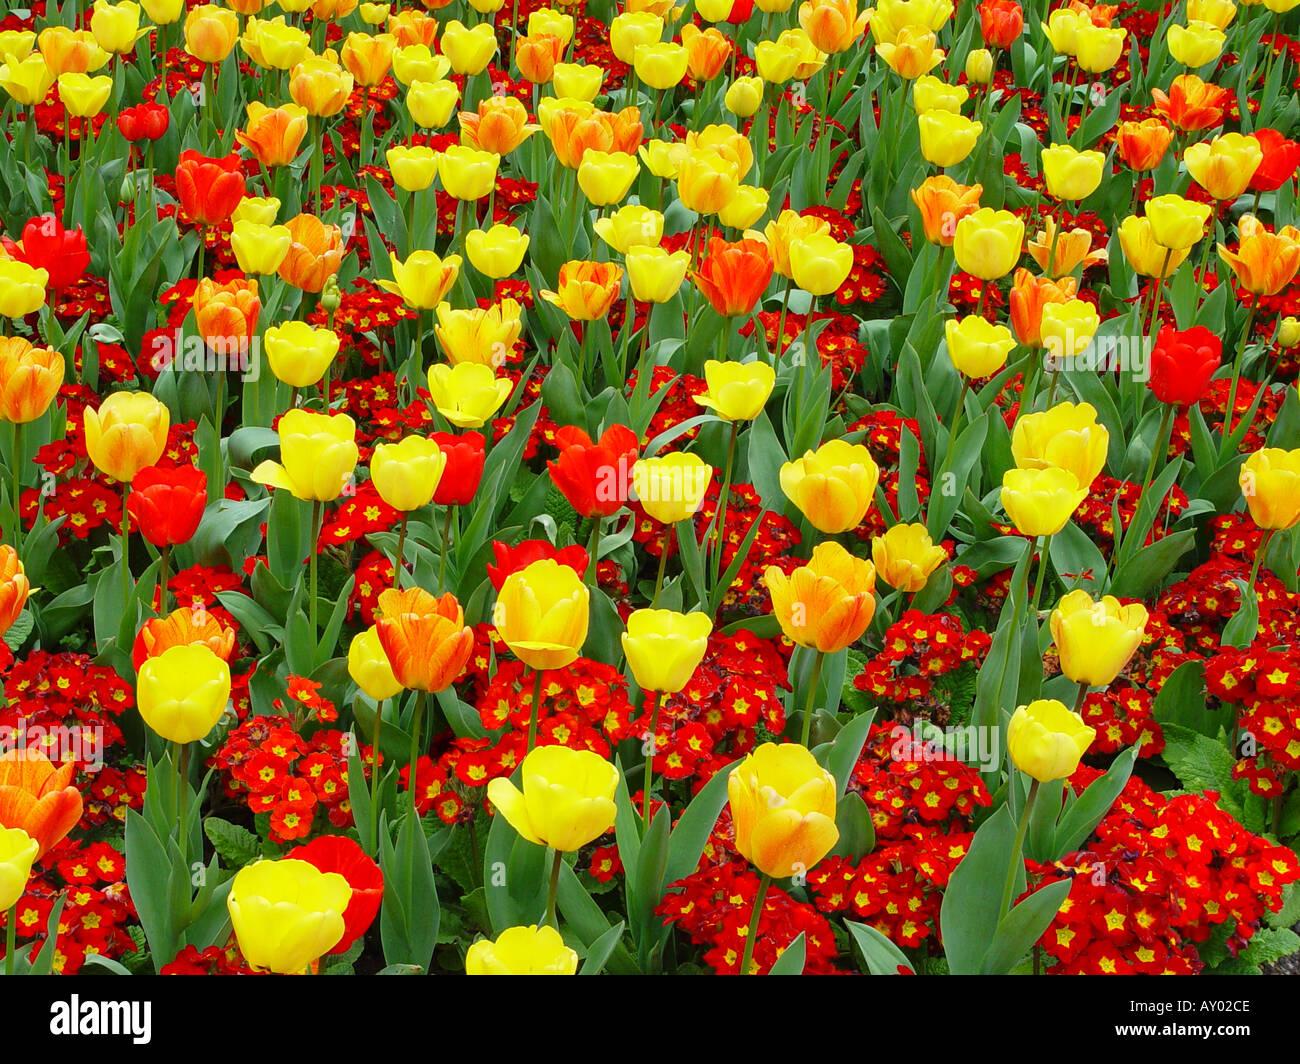 Letto di fiori di Primula Polyanthus Crescendo Red Tulip bellezza di Apeldoorn e onorevole J T Schneepers fiori di primavera schema di biancheria da letto Immagini Stock